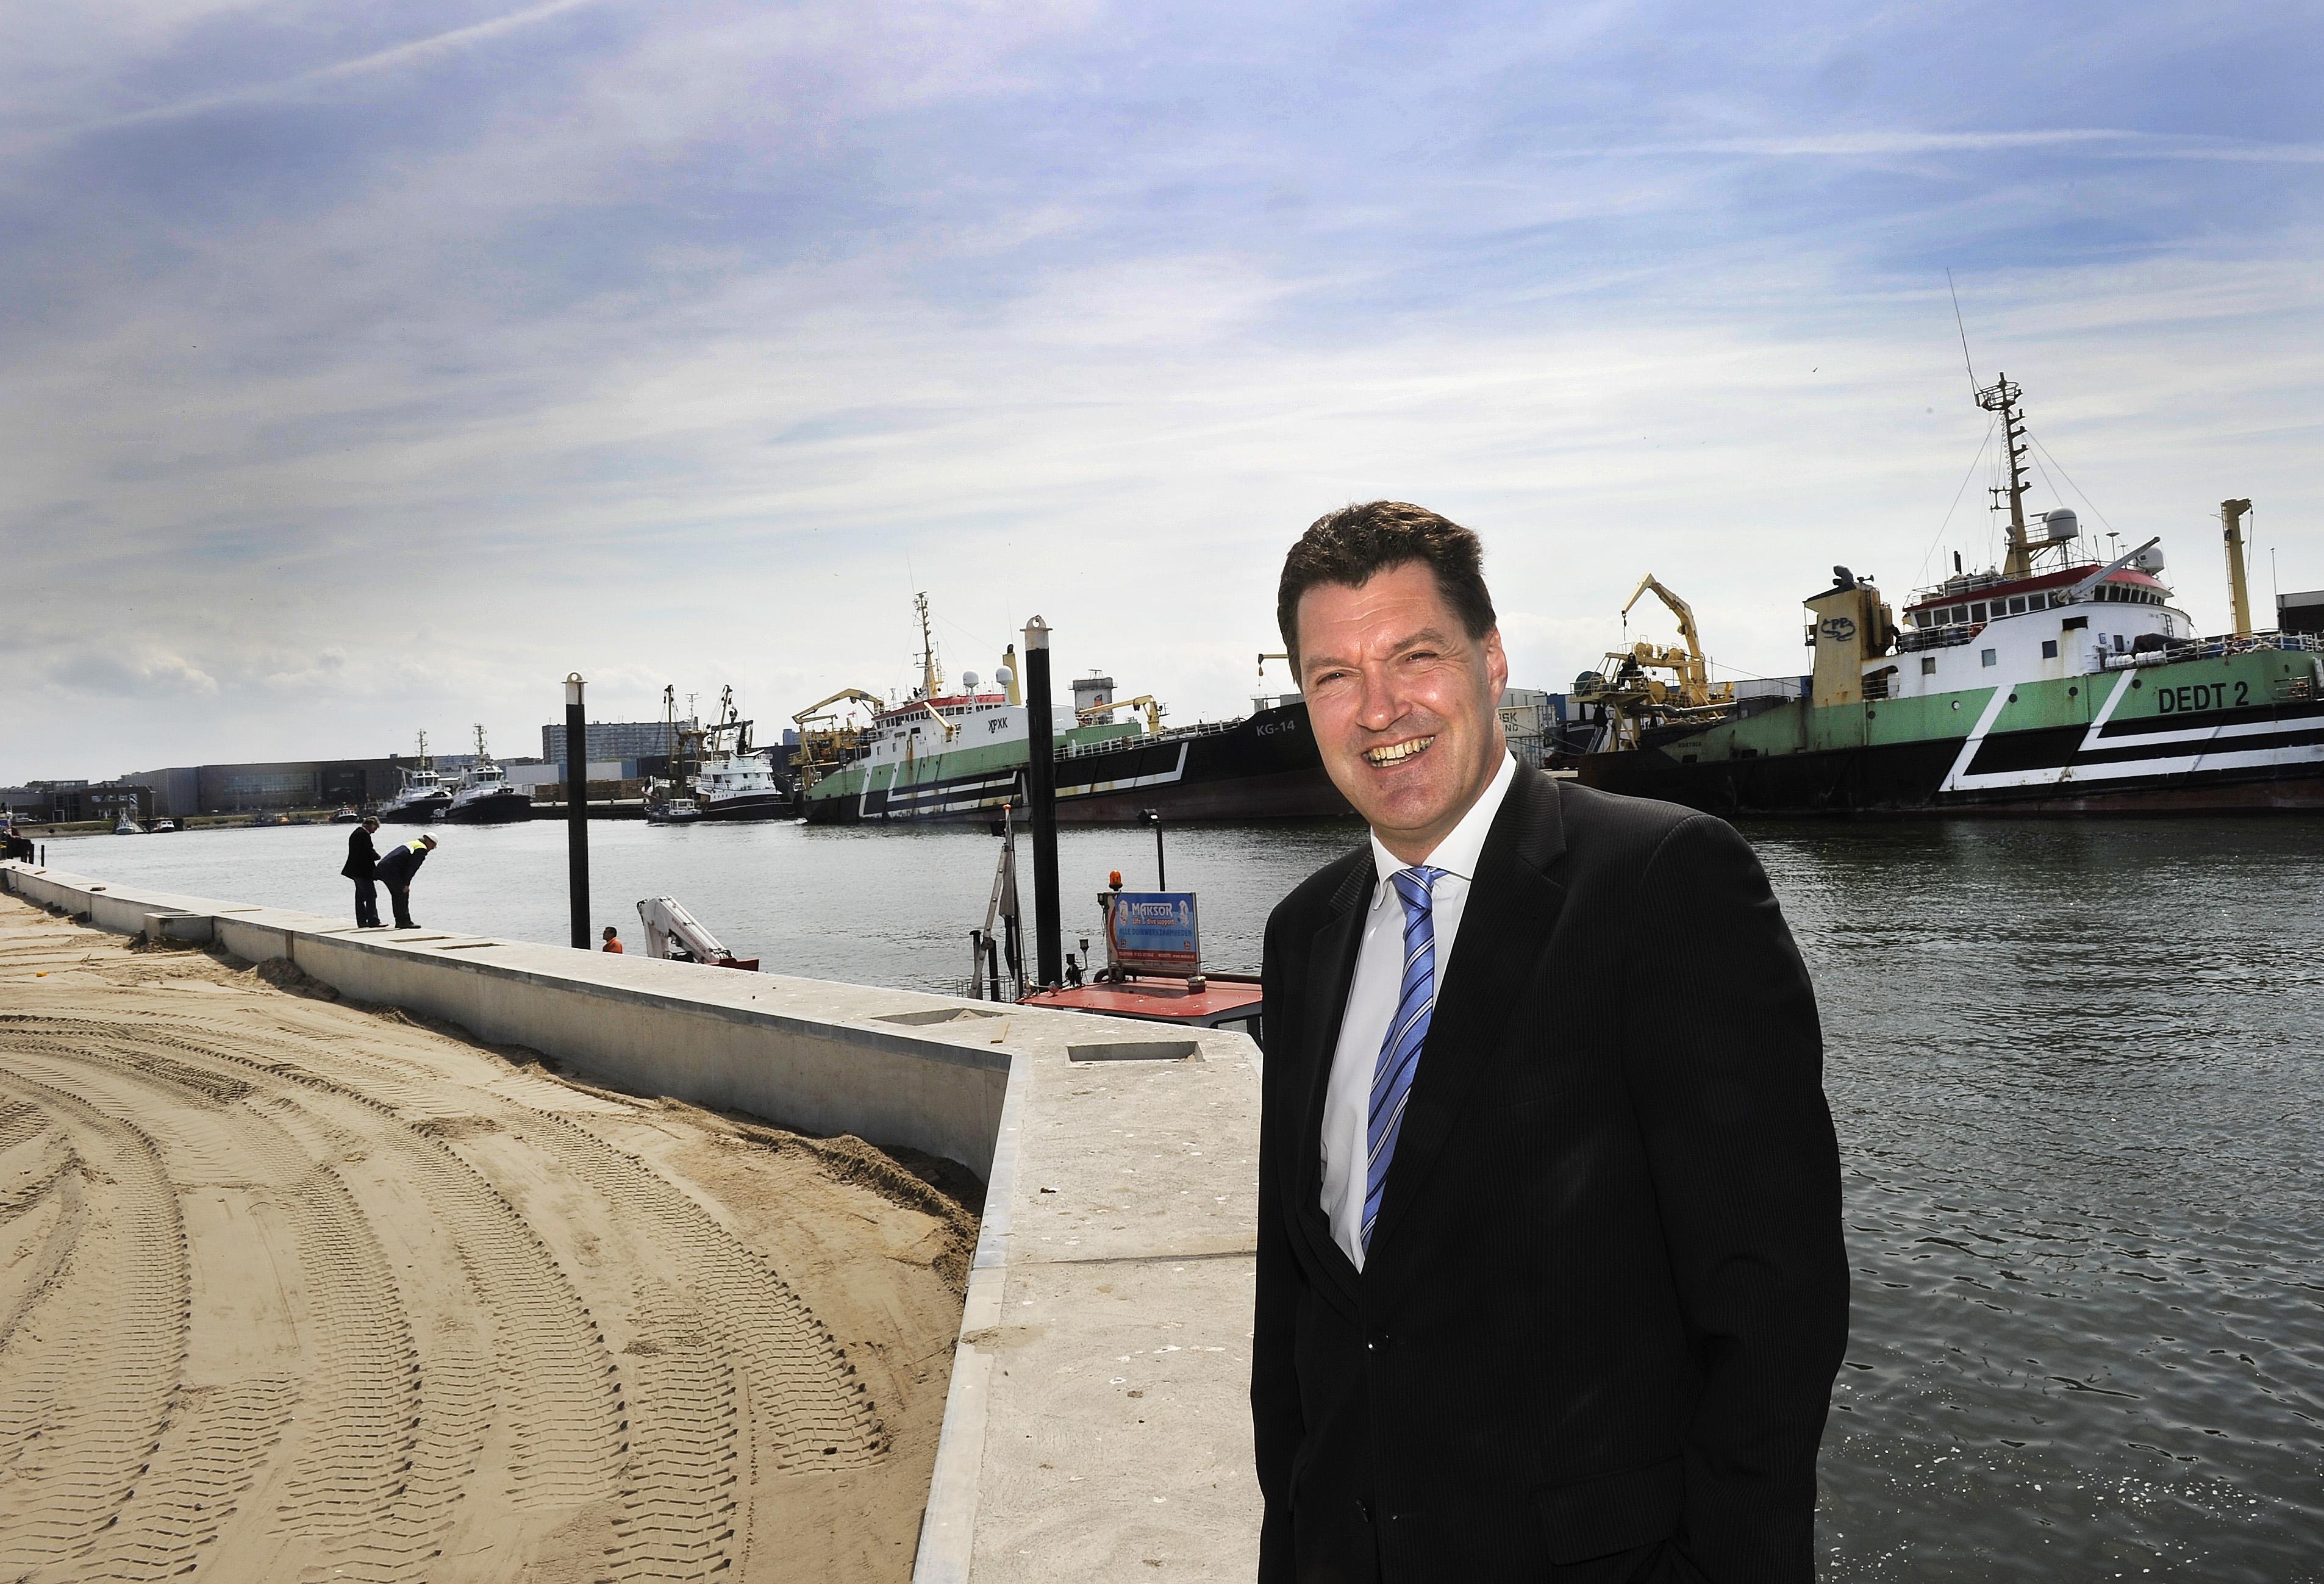 De provincie heeft geld voor duurzame havenprojecten, zoals walstroom in de haven van IJmuiden. 'Zodat de uitstoot van voor de kade liggende schepen wordt beperkt', stelt directeur Peter van de Meerakker van Zeehaven IJmuiden